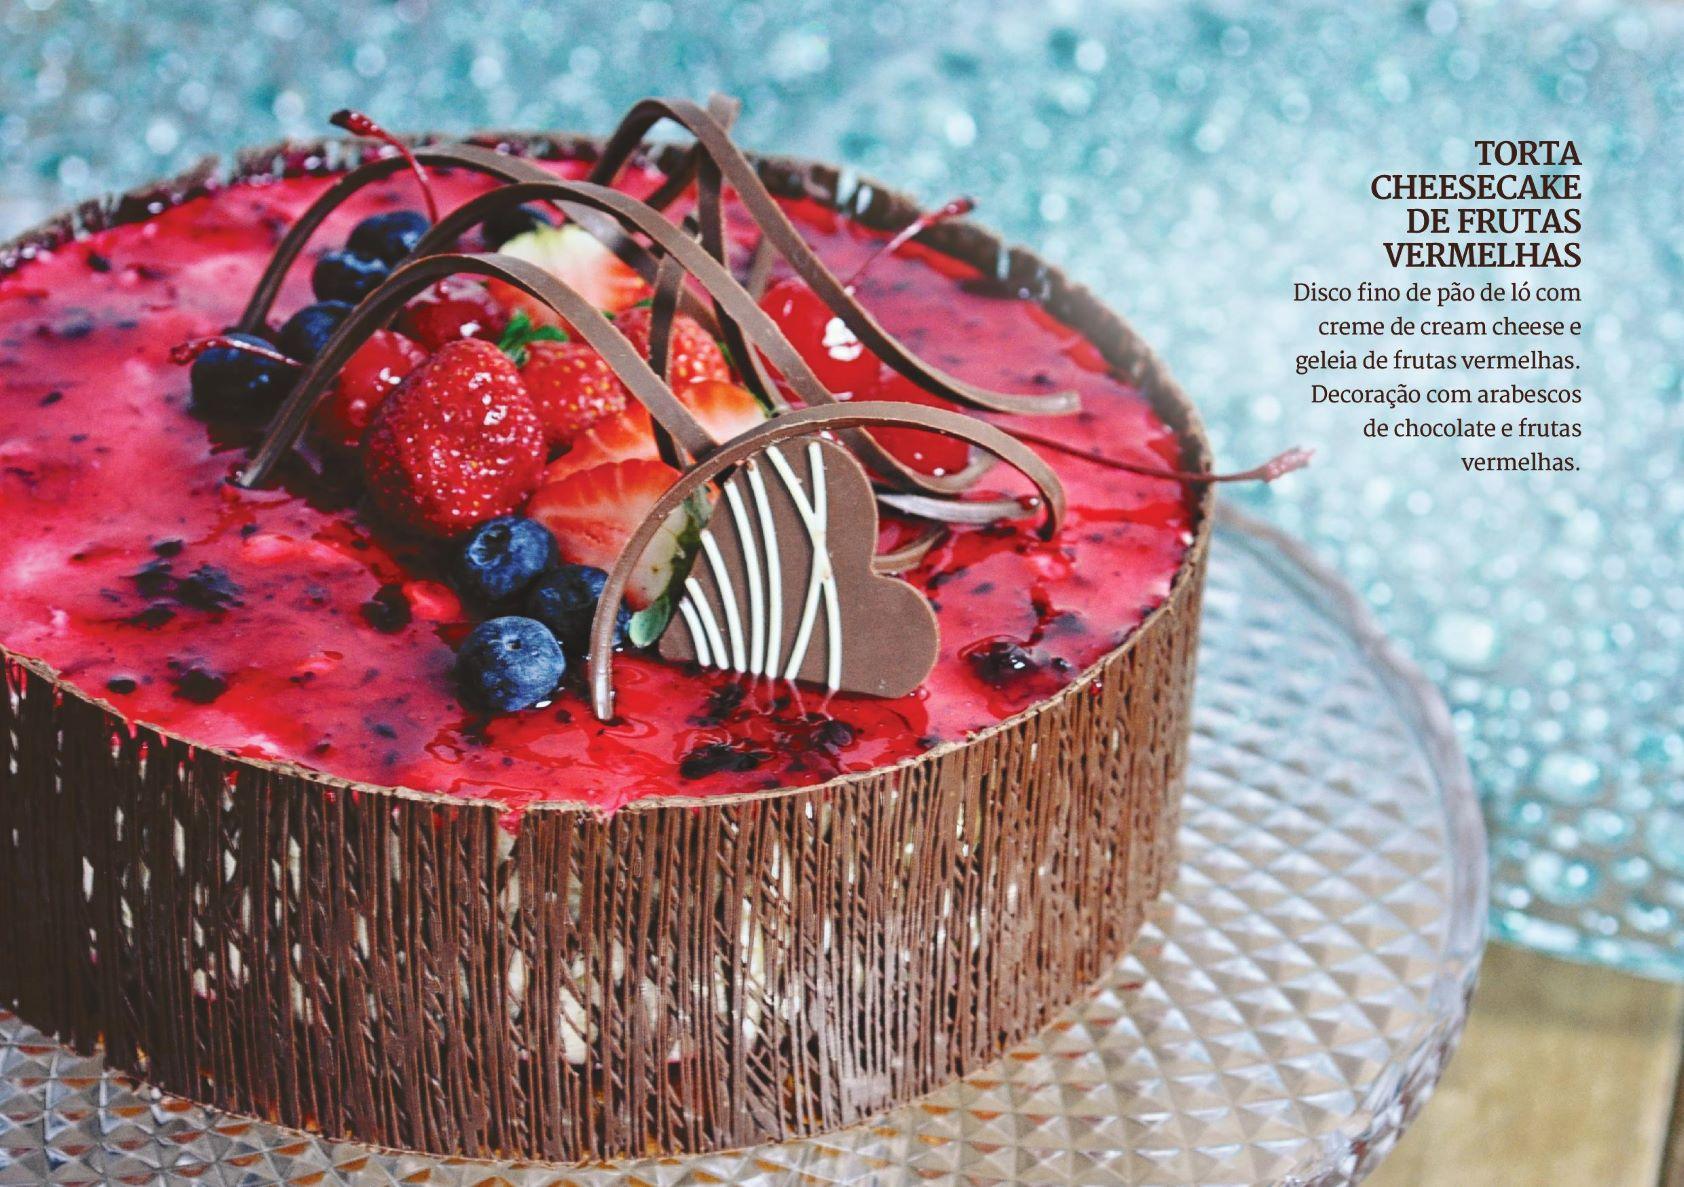 Torta  Cheesecake de Frutas Vermelhas